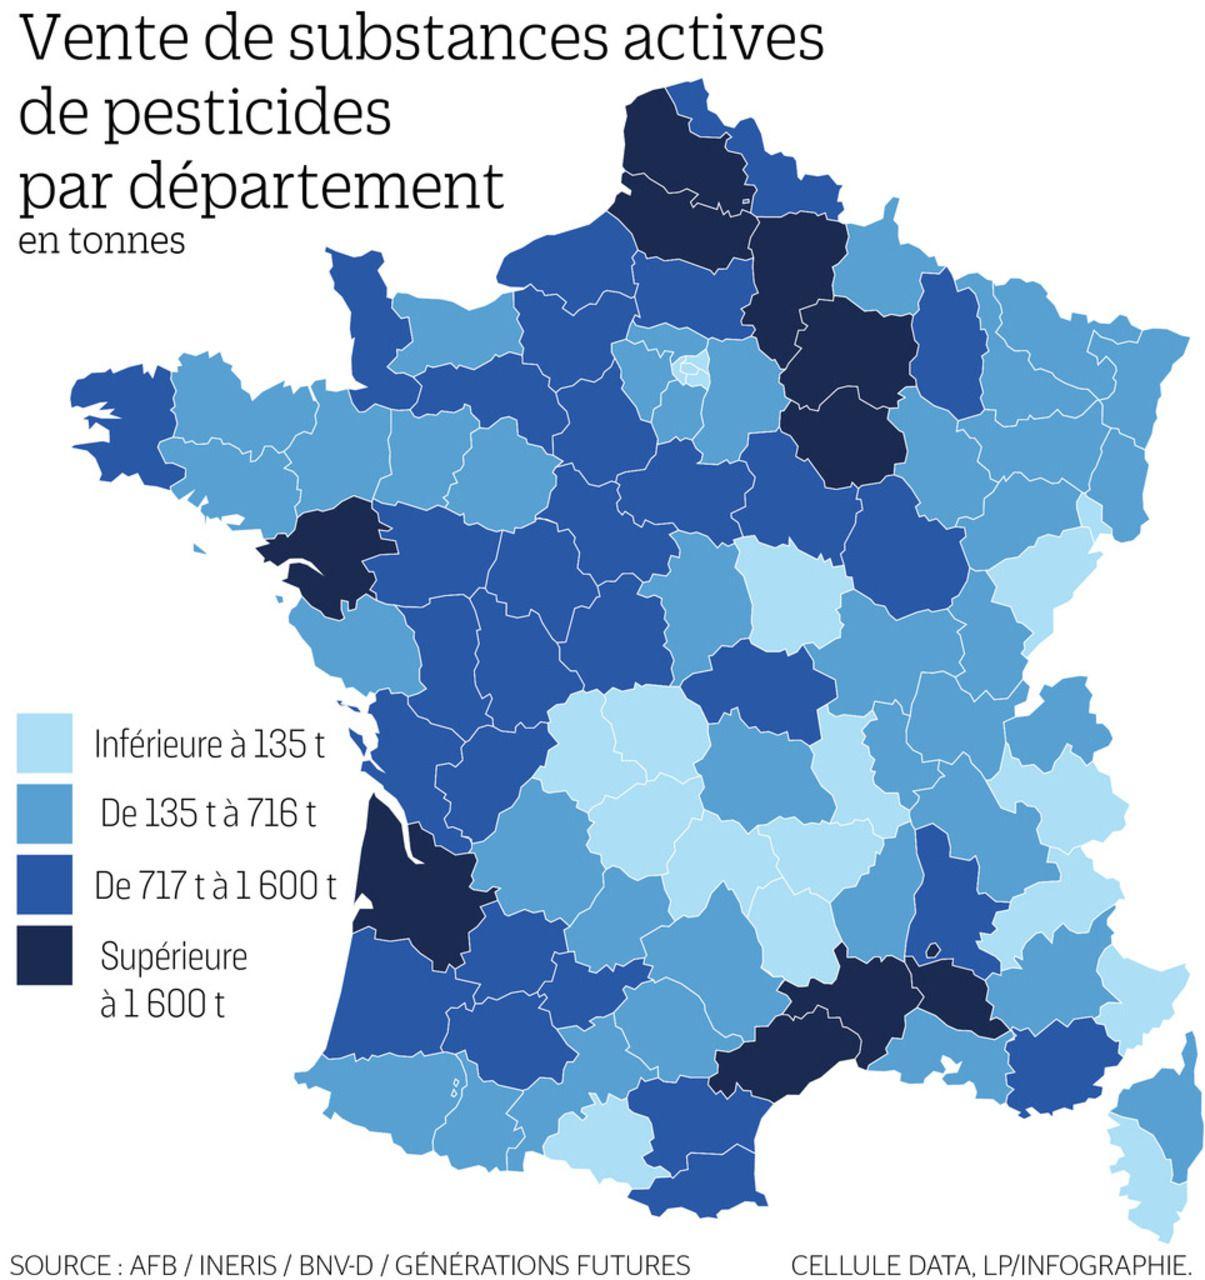 La Carte De France Des Départements Les Plus Consommateurs encequiconcerne Plan De La France Par Departement